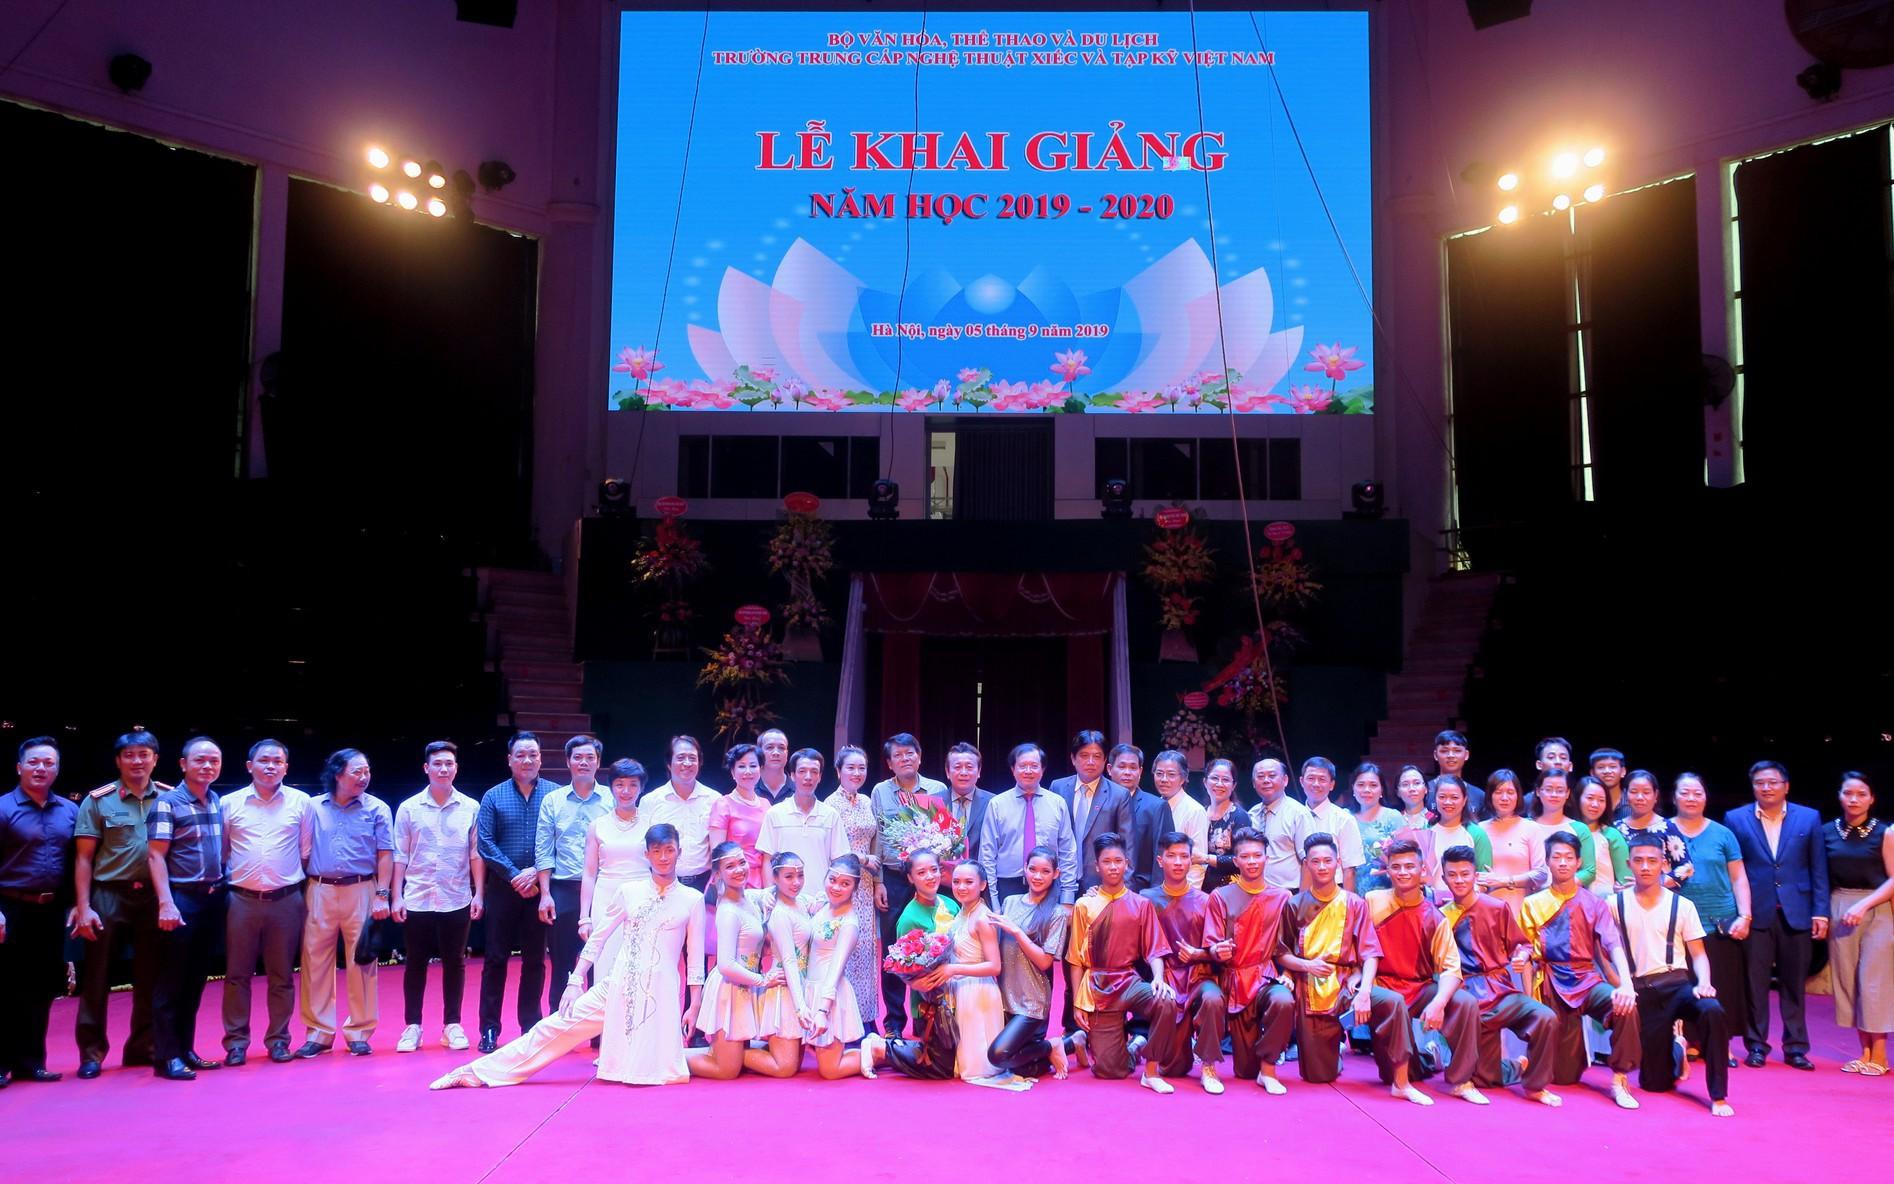 Trường Trung cấp Nghệ thuật Xiếc và Tạp kỹ Việt Nam khai giảng năm học mới